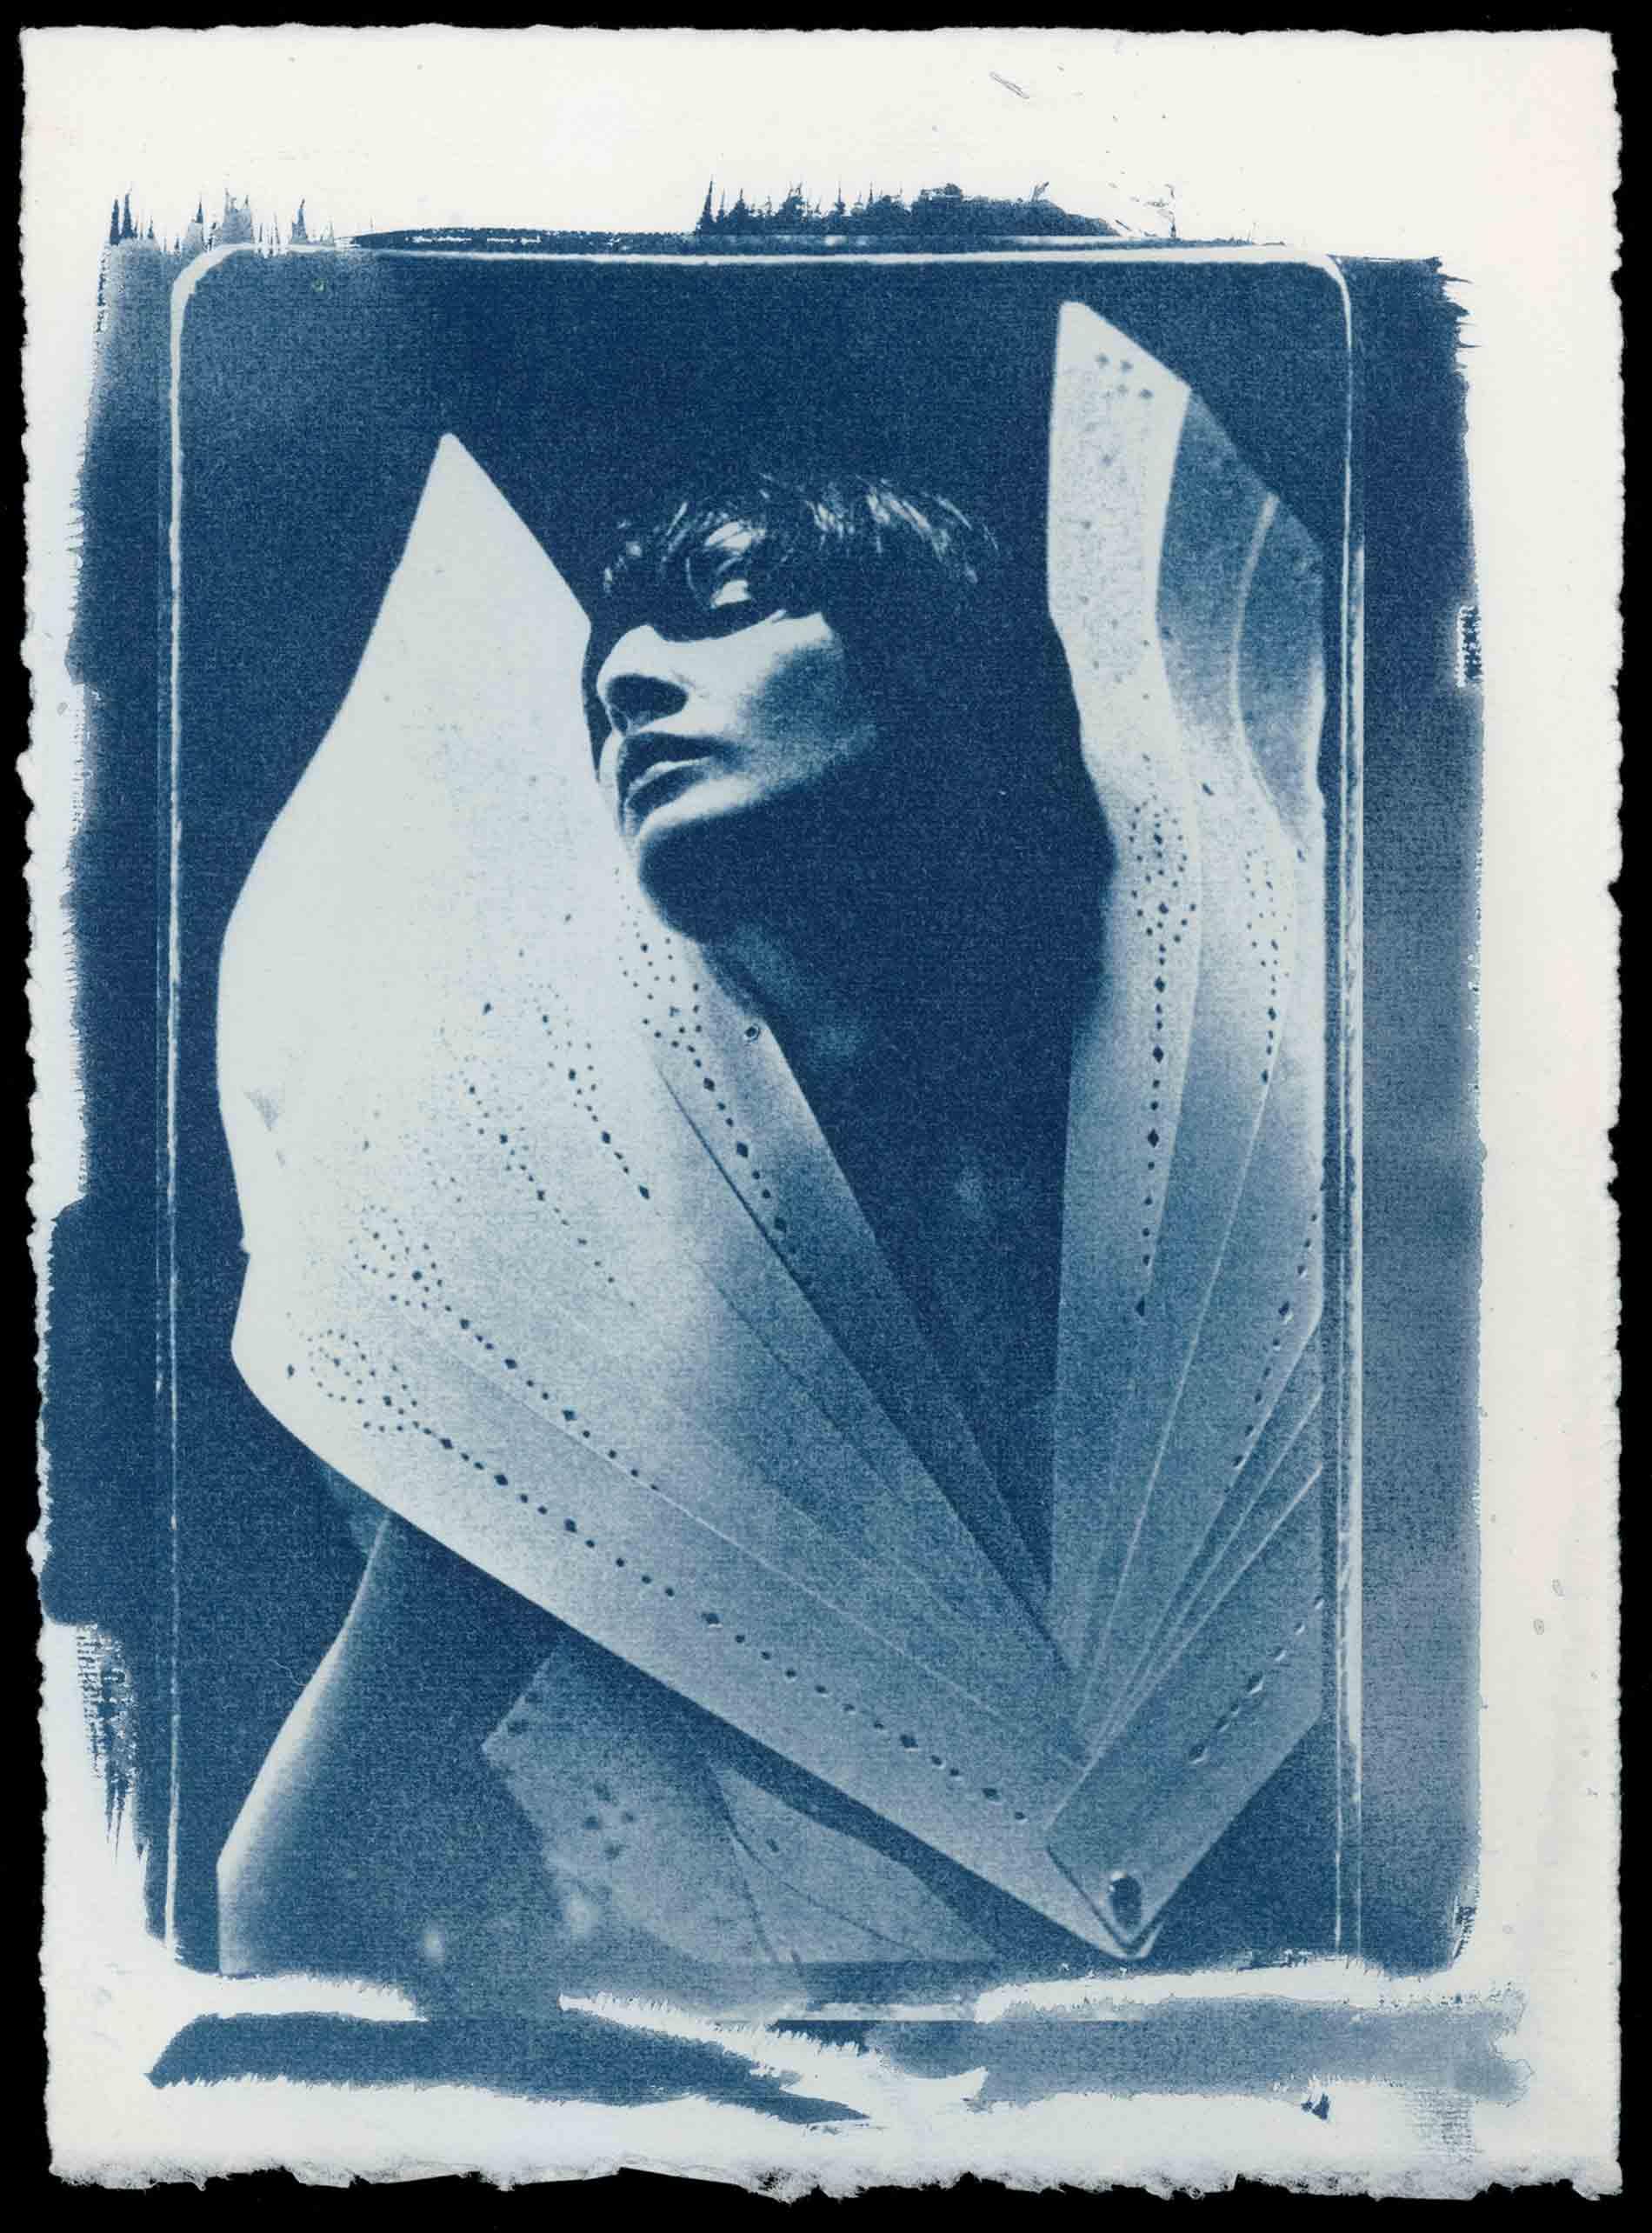 安·雷,《如天使般的艾琳》,伦敦,1998年。图片由艺术家提供。